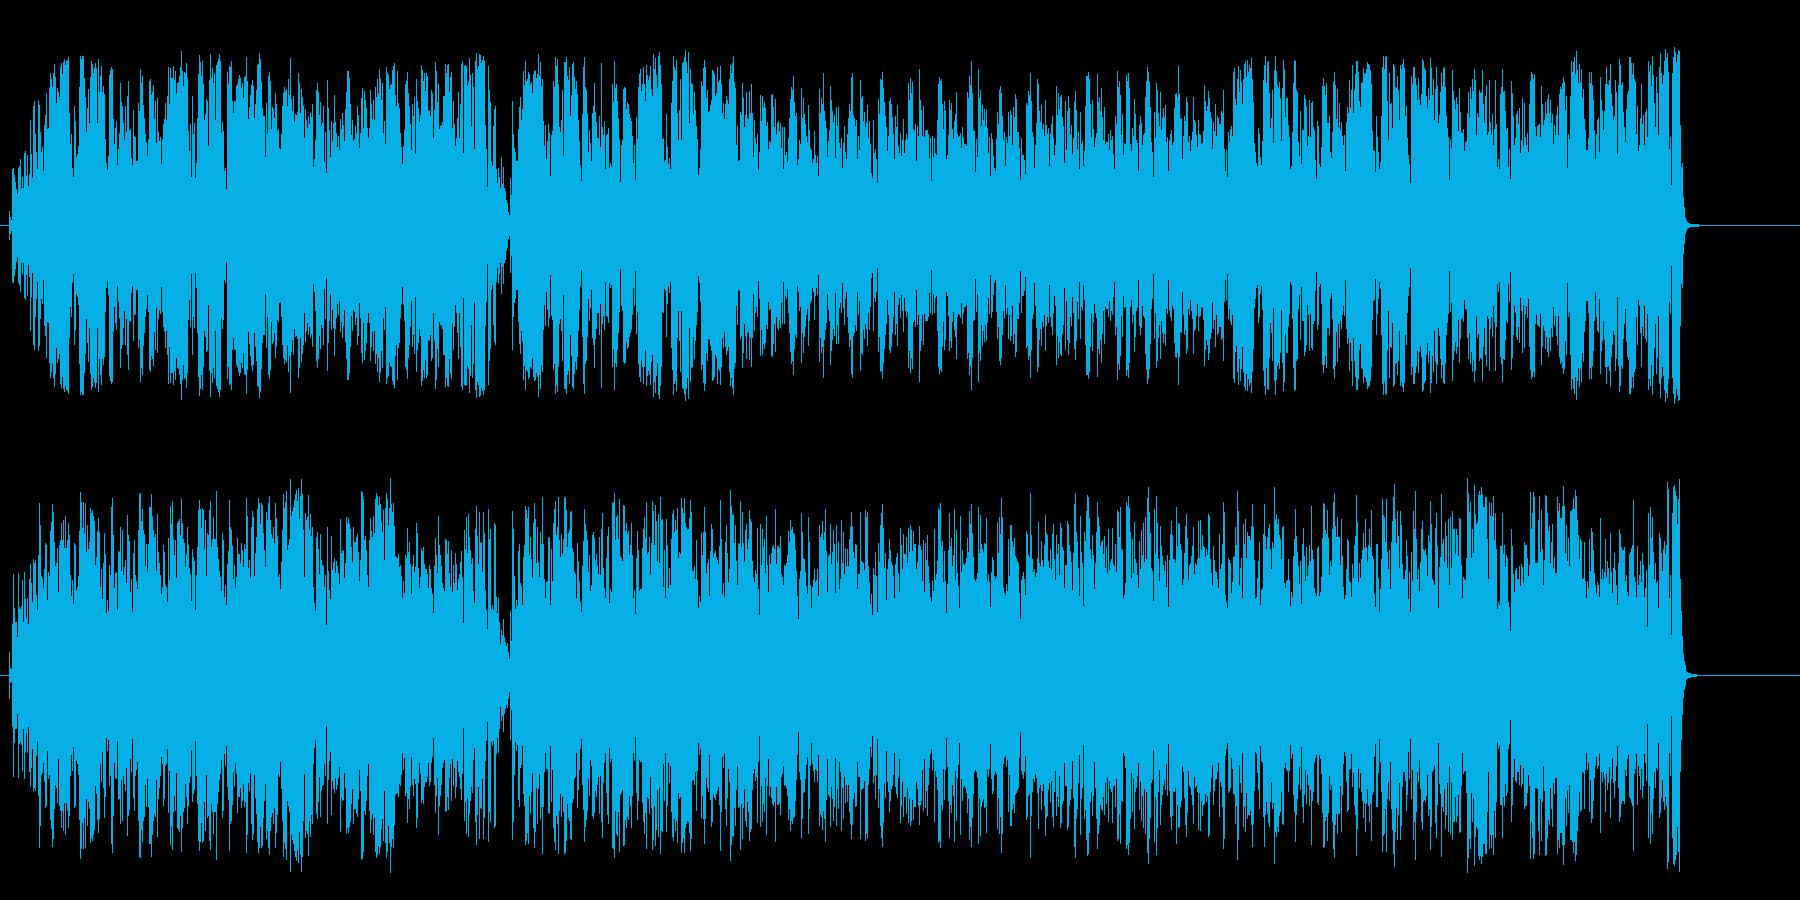 常夏の島 ラテン  海 にぎやか 青空の再生済みの波形